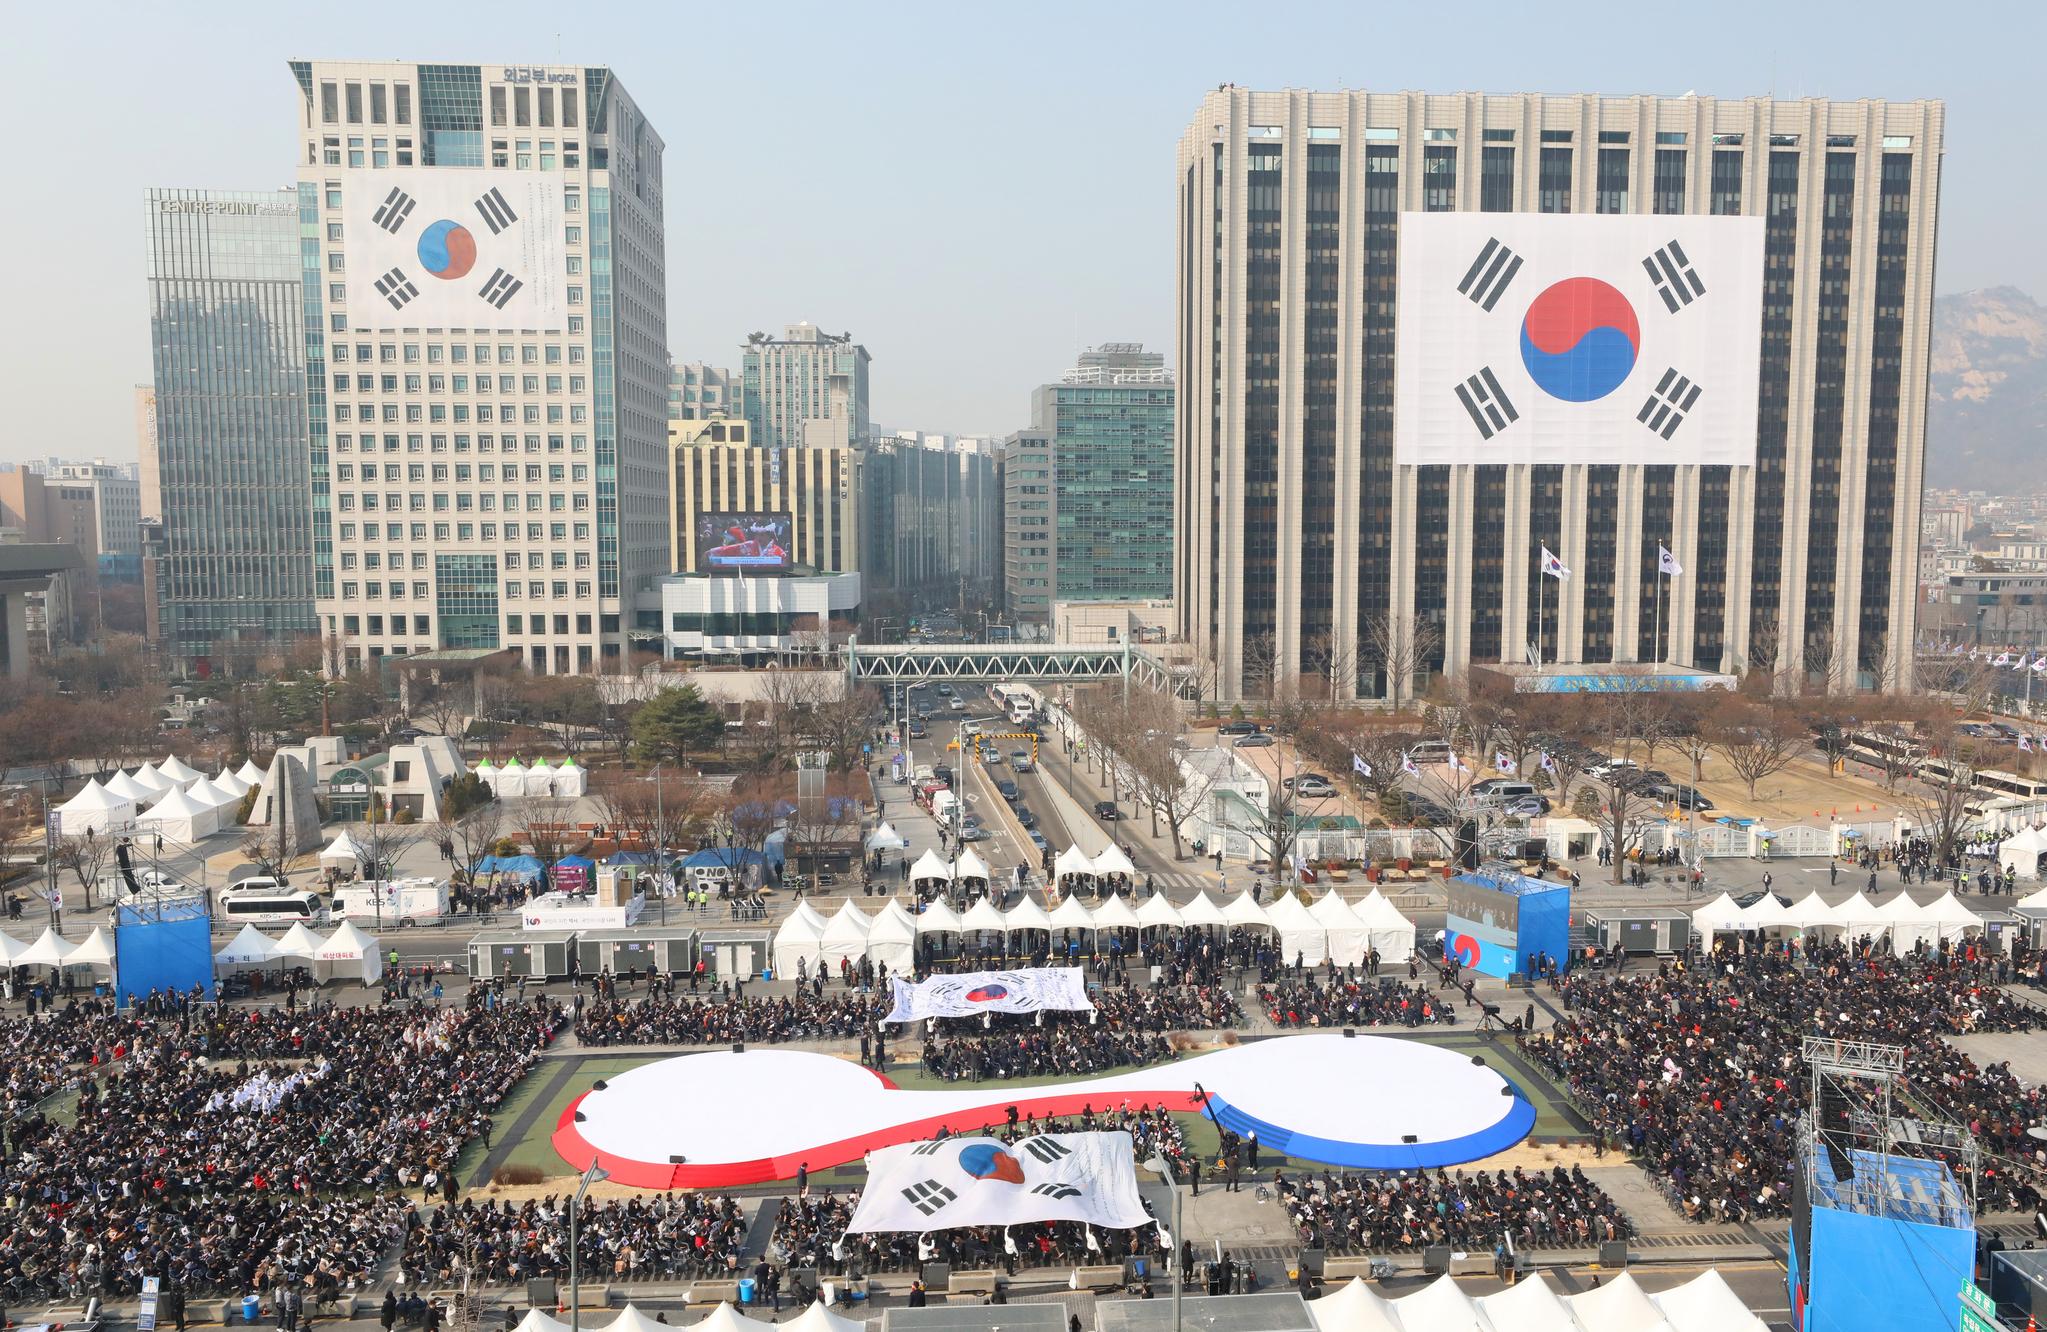 일 오전 서울 광화문에서 제100주년 3.1절 기념식이 열리고 있다. 광장 주변 빌딩에 대형 태극기가 내걸렸다. [연합뉴스]